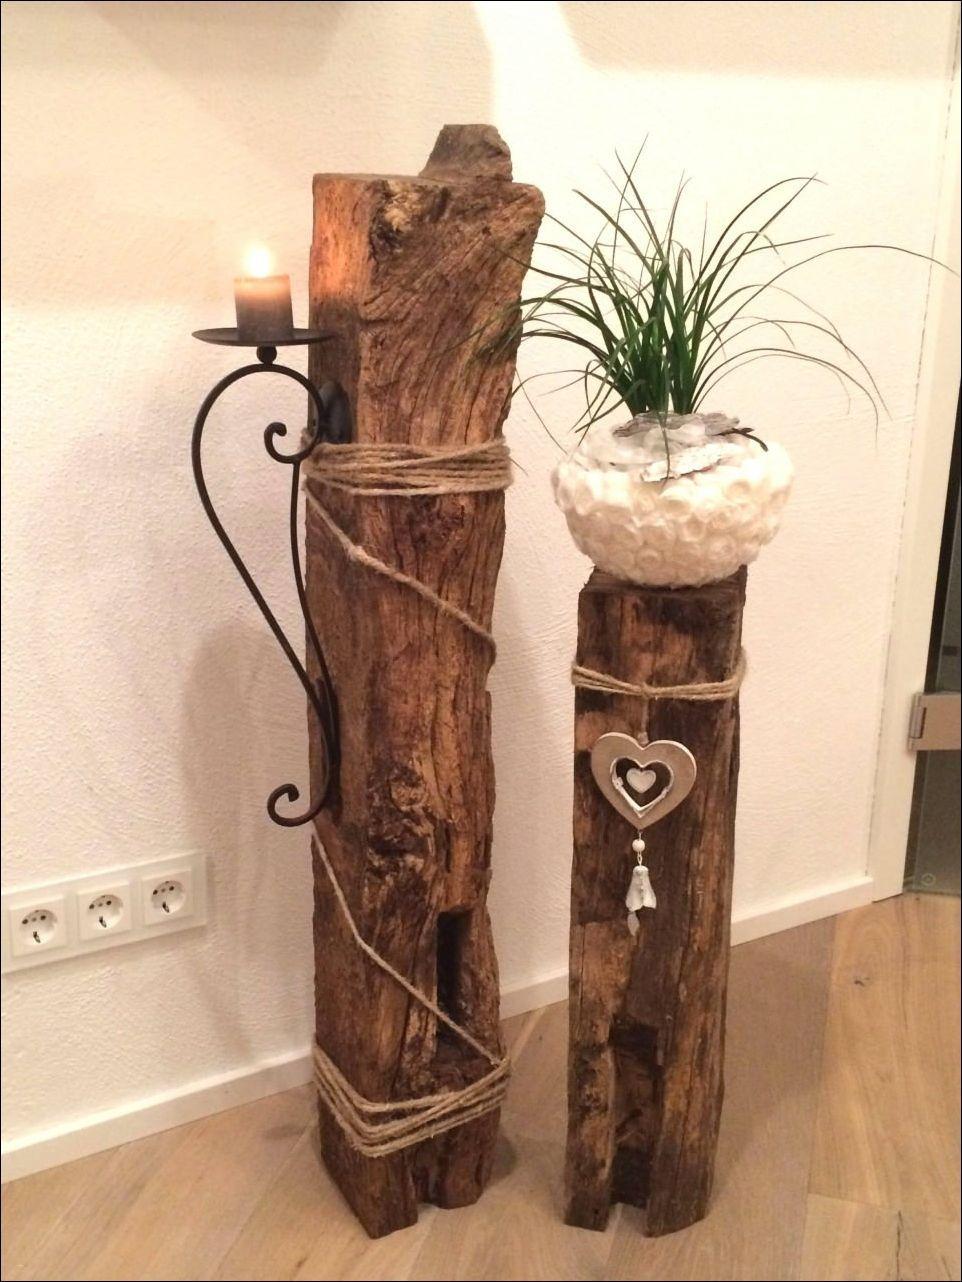 Ideen Aus Holz Selber Machen Genial Weihnachtsdeko Aus Holz Selber Basteln Stunning Ideen Aus